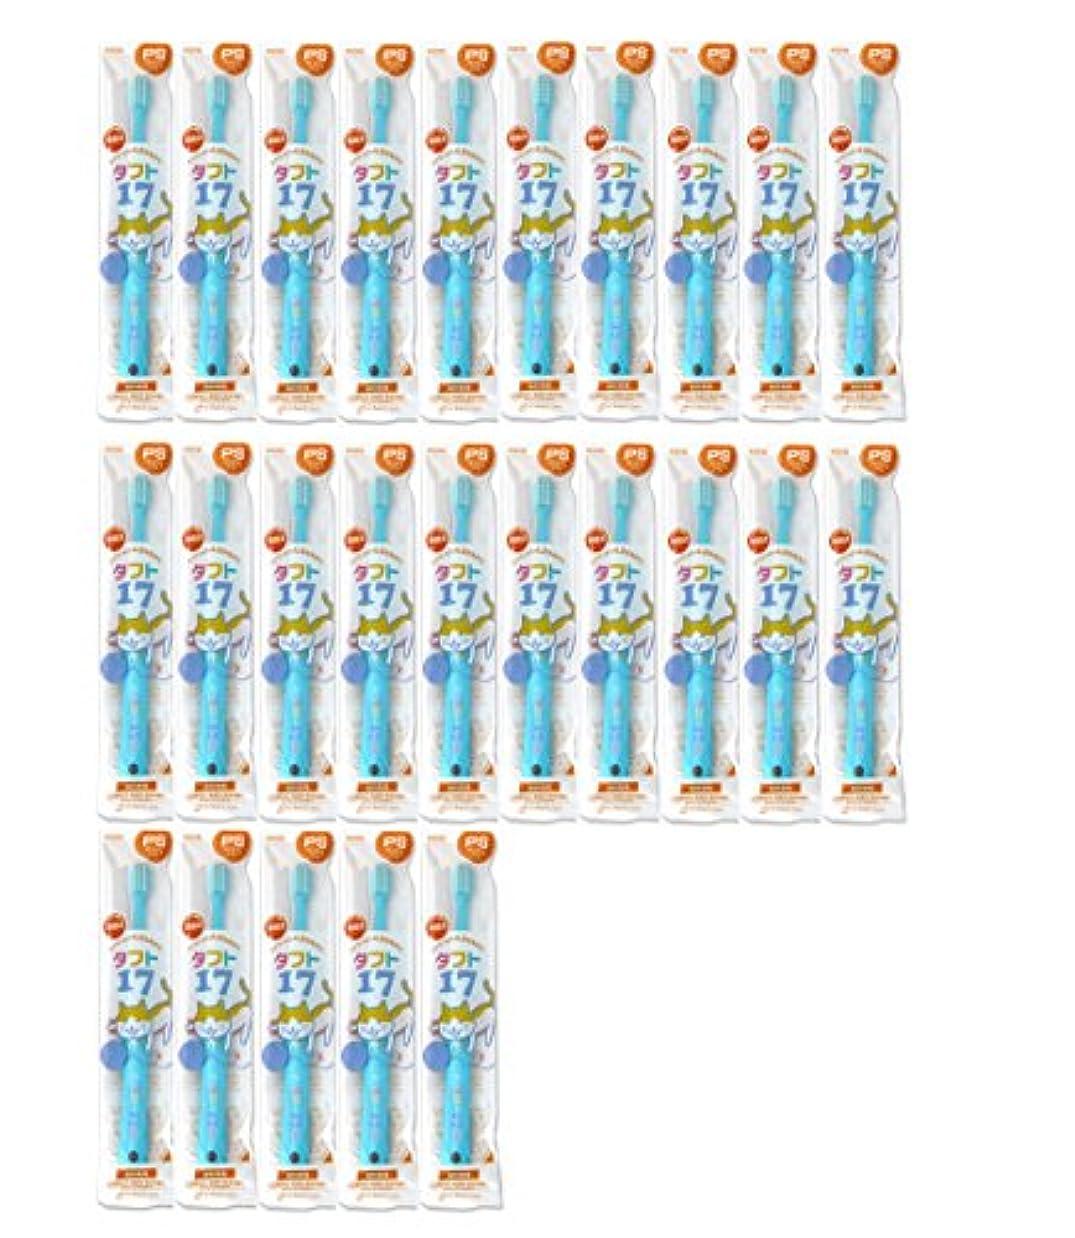 セッティング抑制する祖父母を訪問タフト17 25本 オーラルケア【タフト17/プレミアムソフト 子供】乳歯列期(1~7歳)こども歯ブラシ 25本セット ブルー